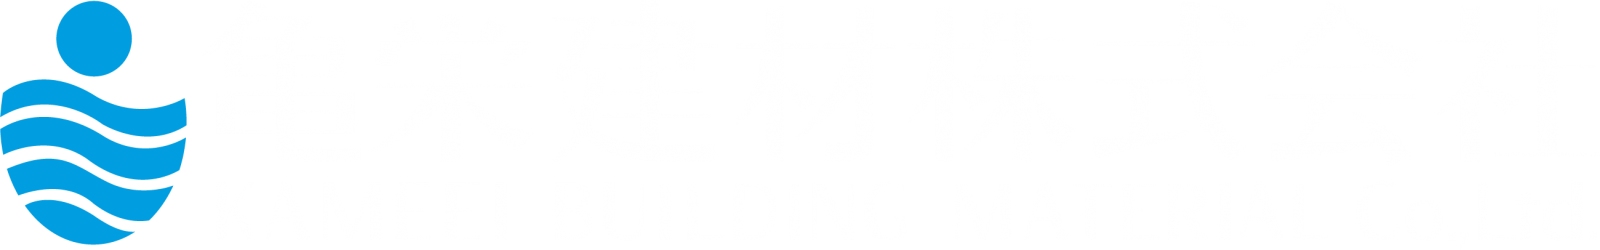 亀栄建材株式会社